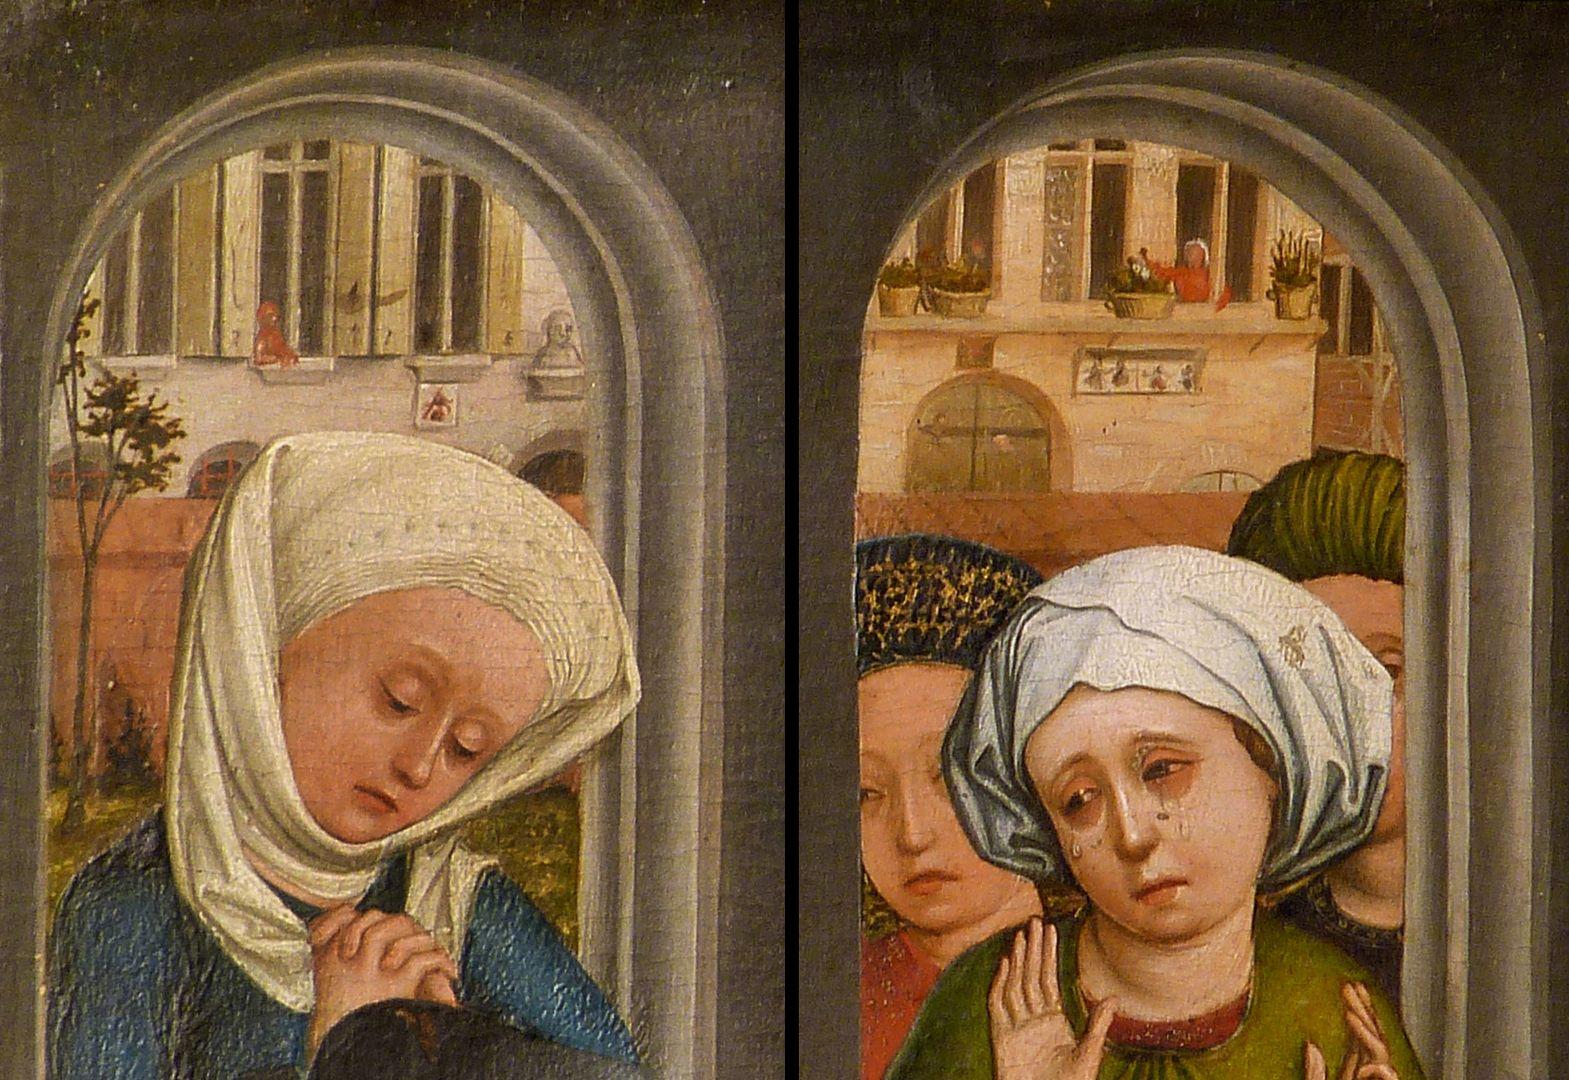 Altar of the Three Kings rechter Seitenflügel, unten: Bethlehemitischer Kindermord, Detailansicht der beiden Bogenöffnungen